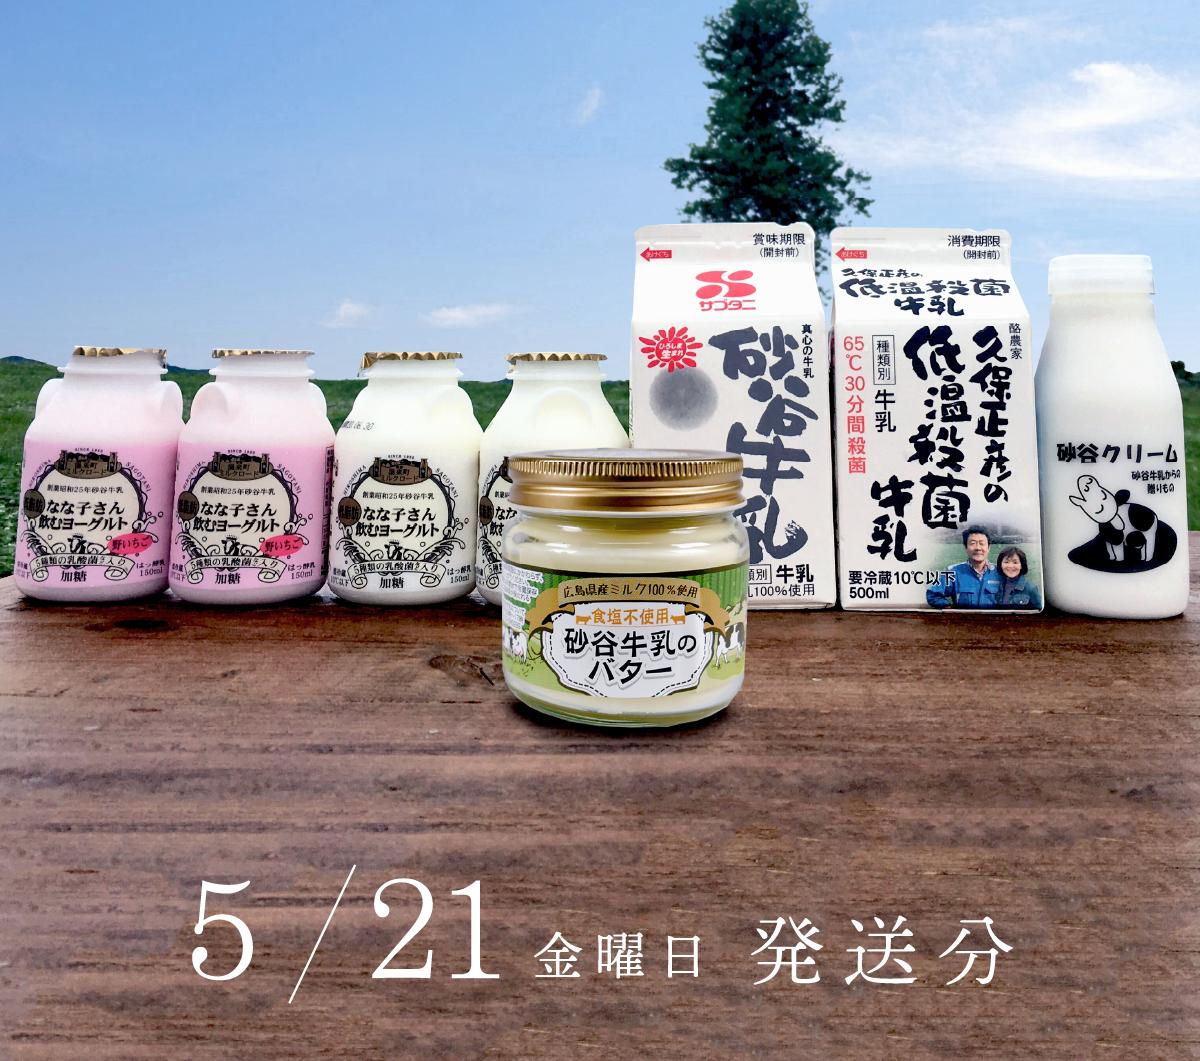 少量セットC バター&飲むヨーグルトセット(砂谷バター食塩不使用)5月21日(金)発送分